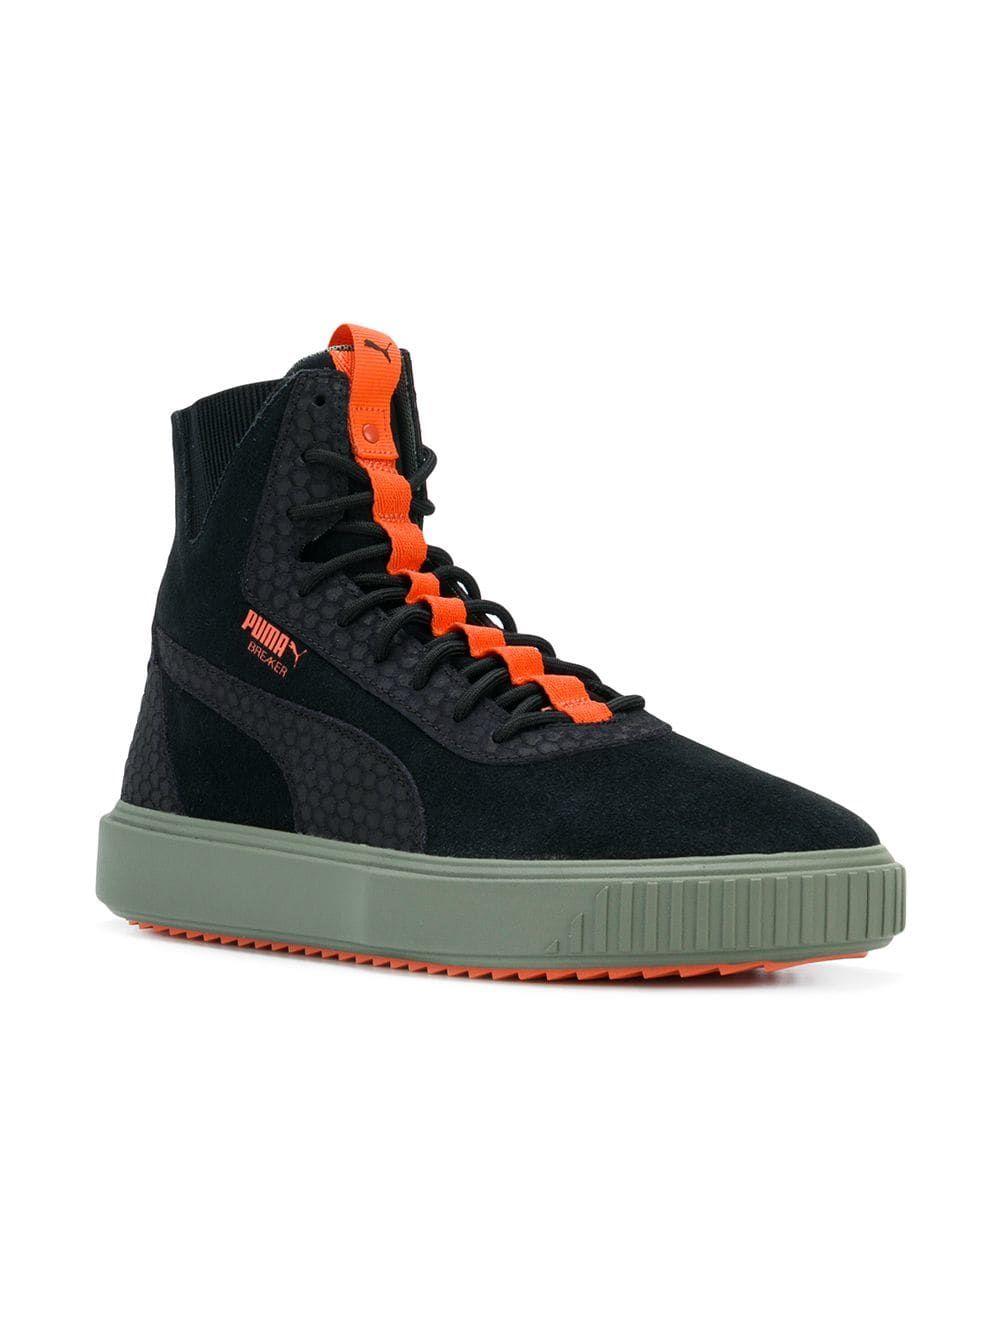 8944bac4c41ffc Puma Breaker high-top sneakers